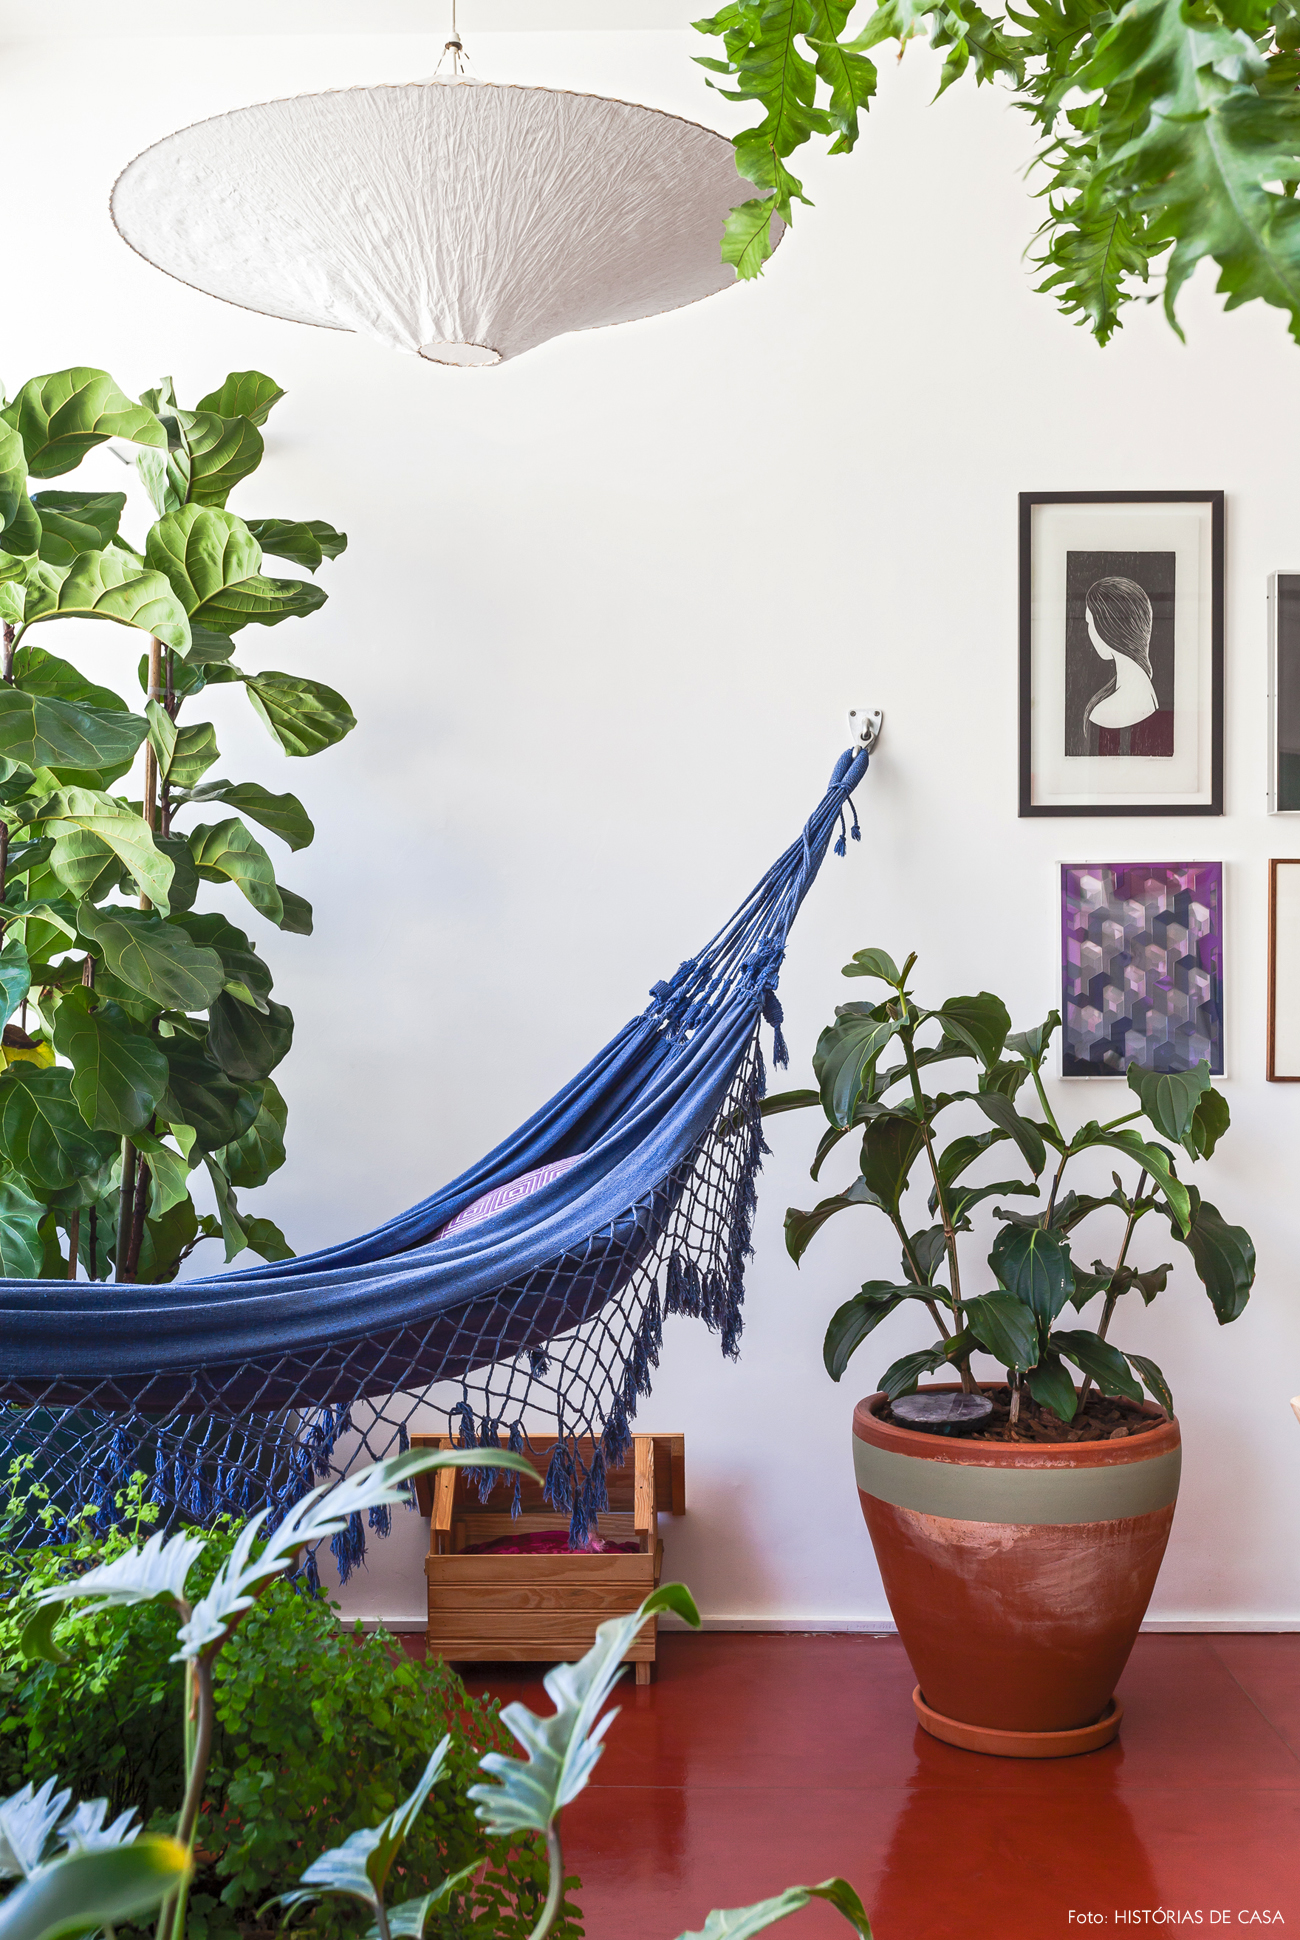 10-decoracao-plantas-no-apartamento-jardim-interno-rede-de-balanco